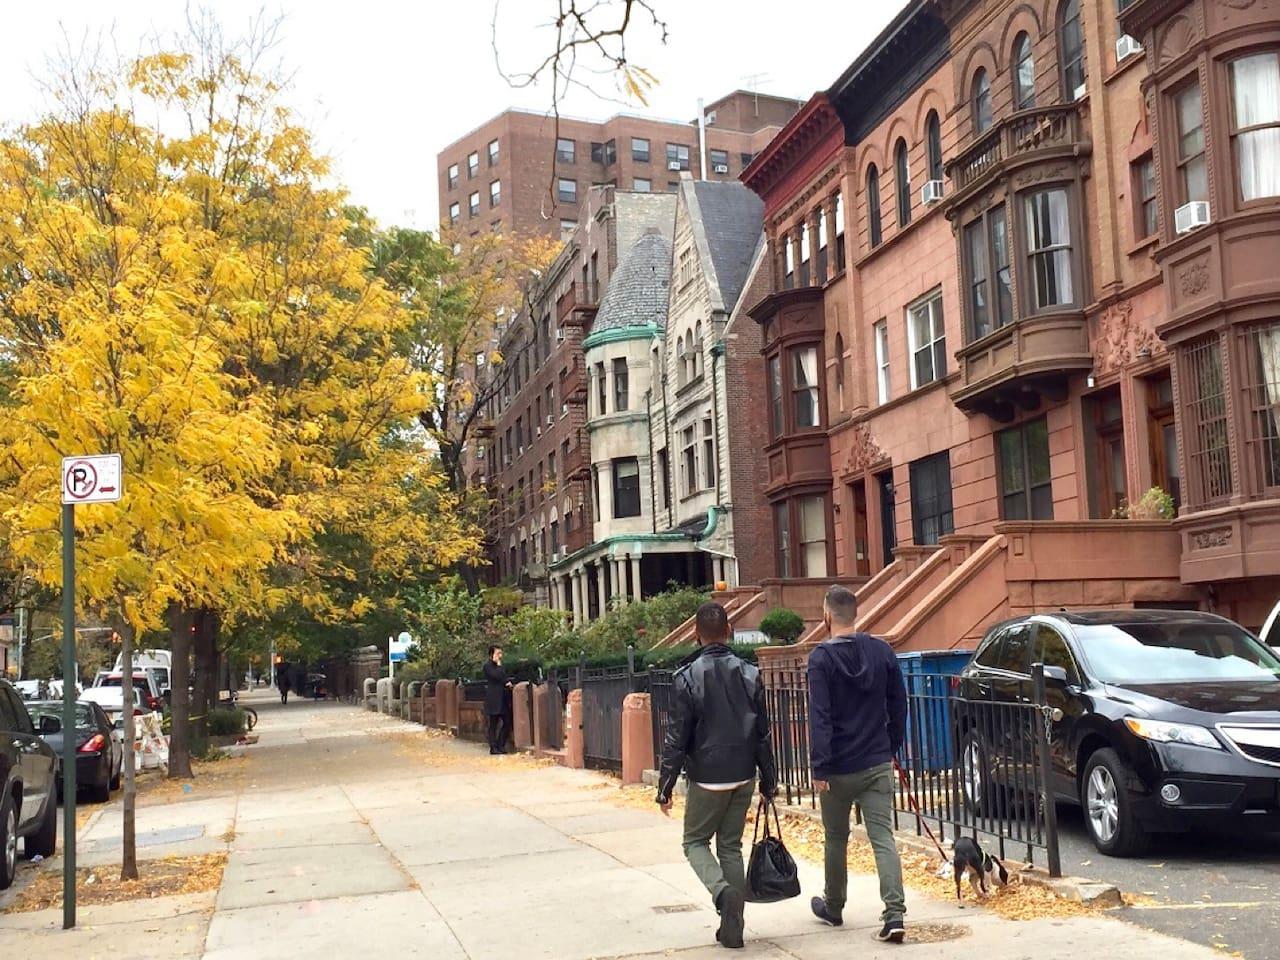 美国隐藏在纽约深处的慢生活